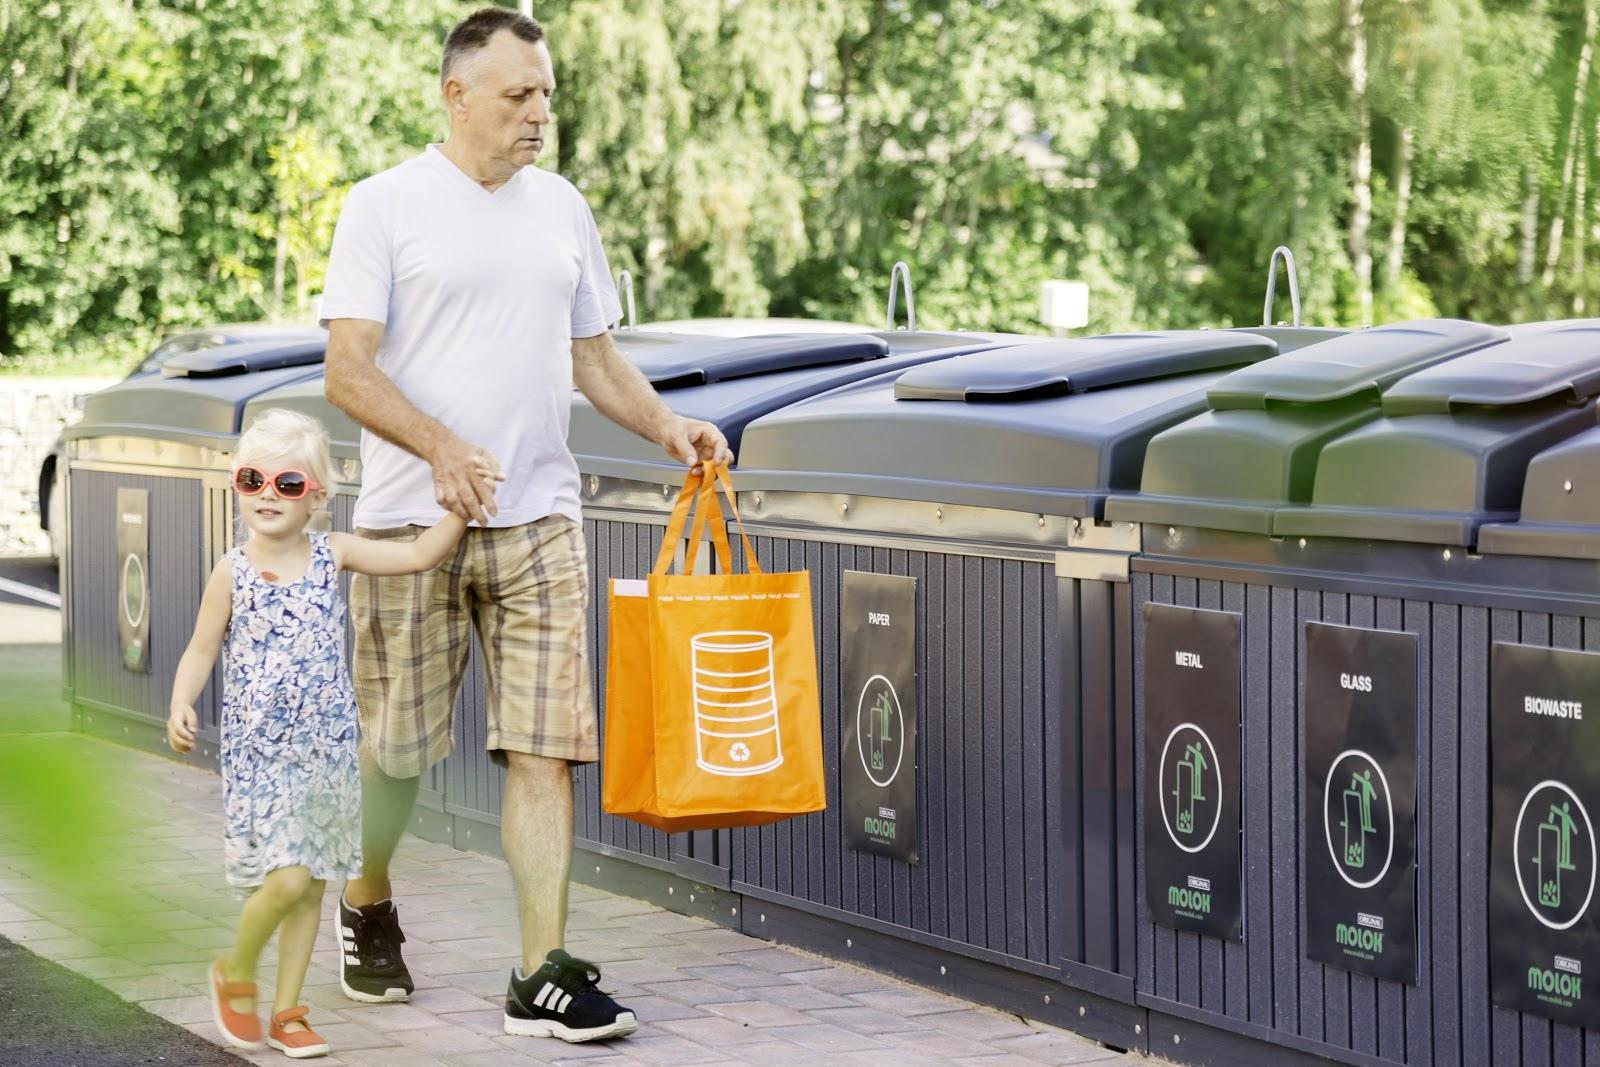 Voiko jätehuollon ratkaisuilla vaikuttaa taloyhtiön turvallisuuteen